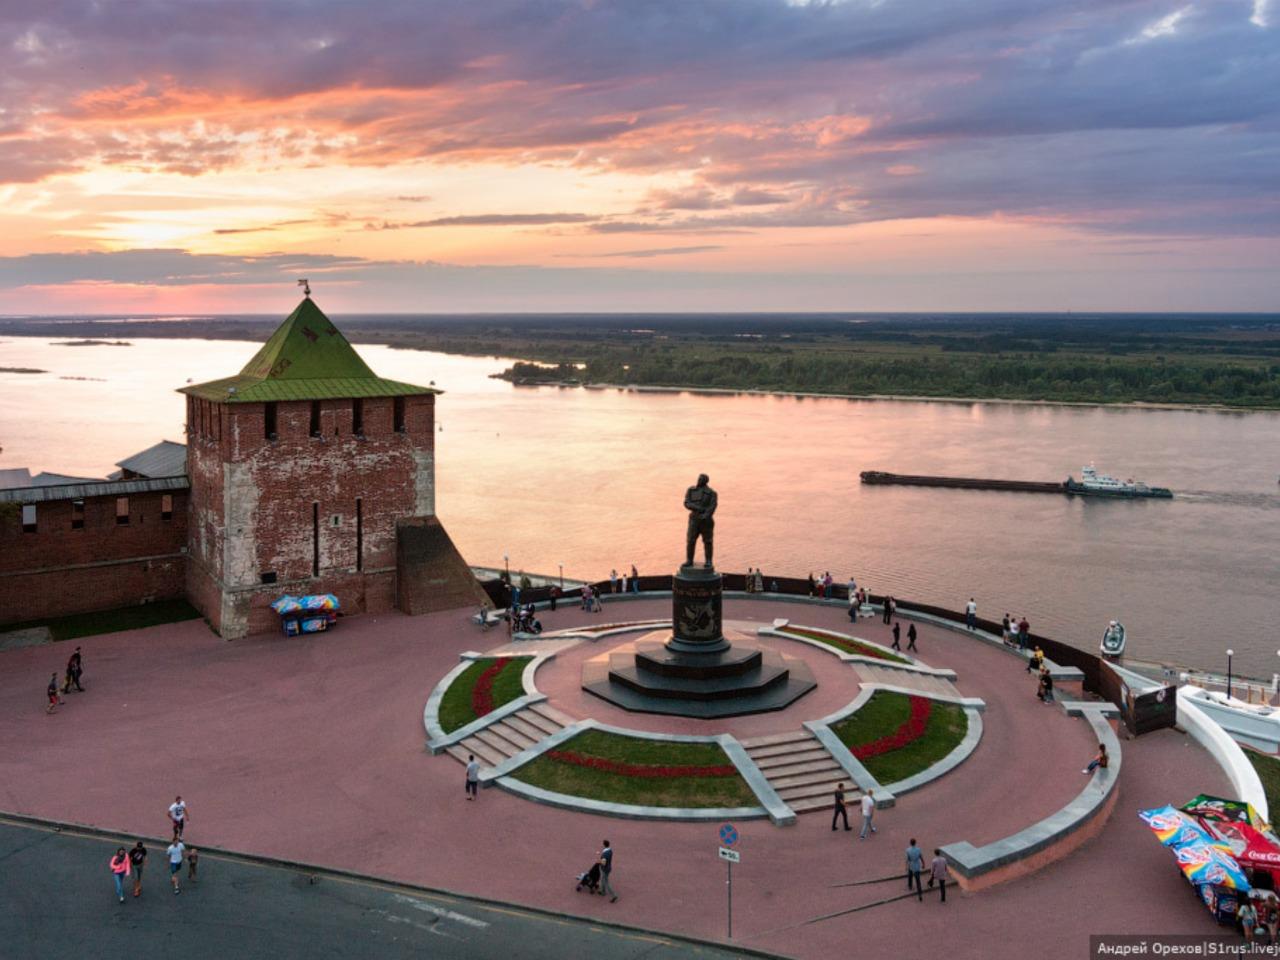 Нижний - столица закатов - индивидуальная экскурсия по Нижнему Новгороду от опытного гида